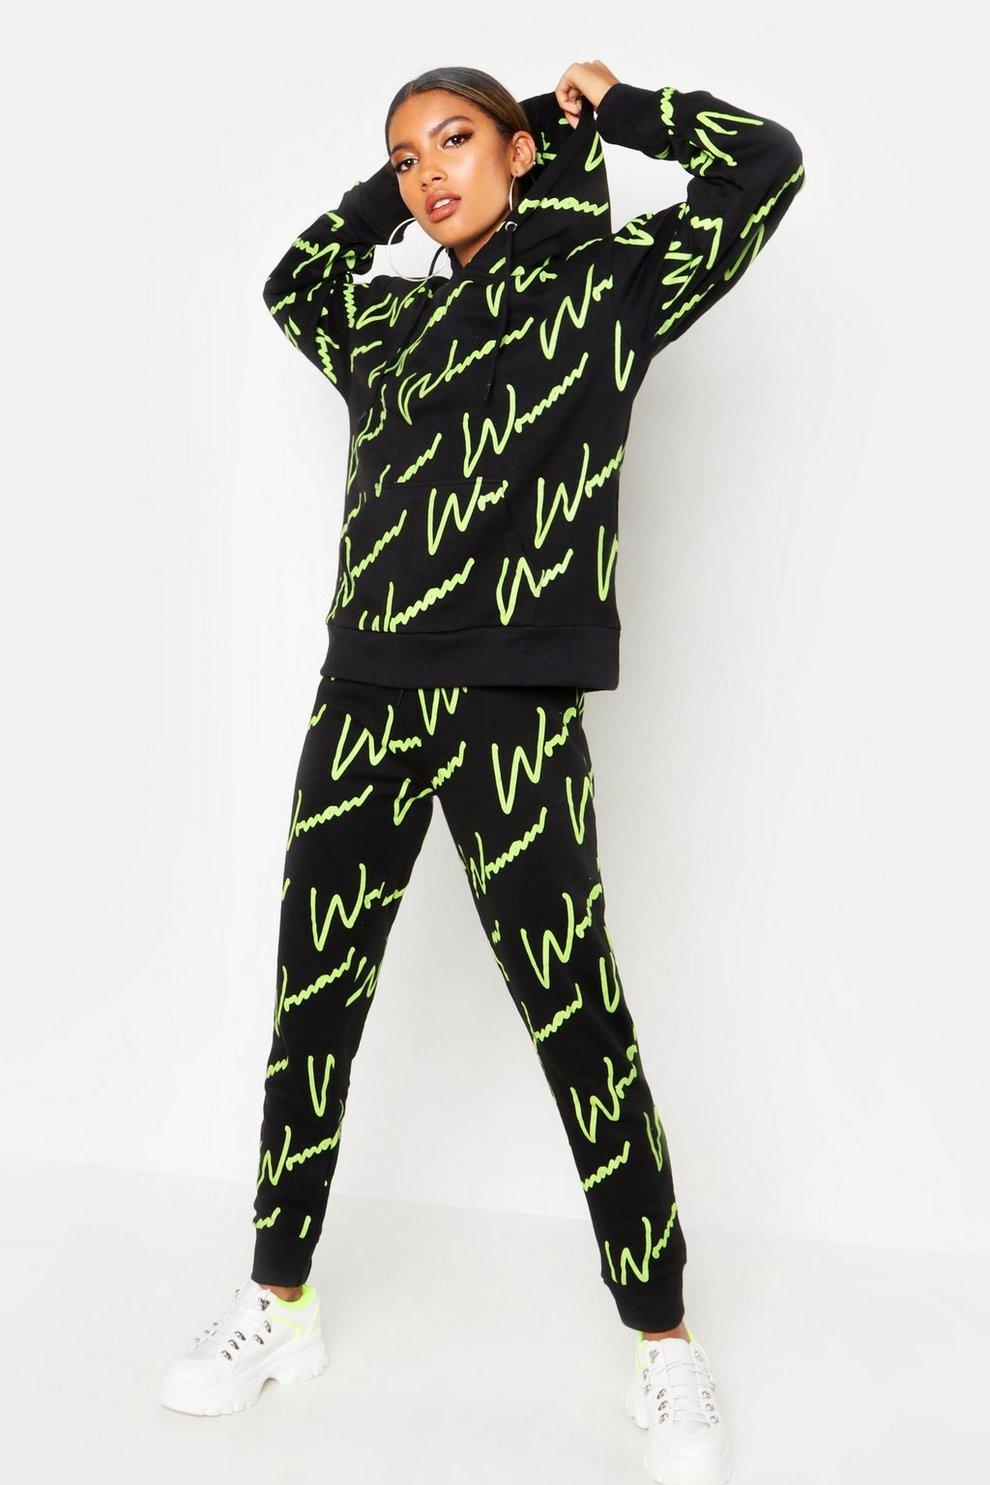 5a65d3854d2b7e Survêtement à capuche imprimé Woman sur l'ensemble